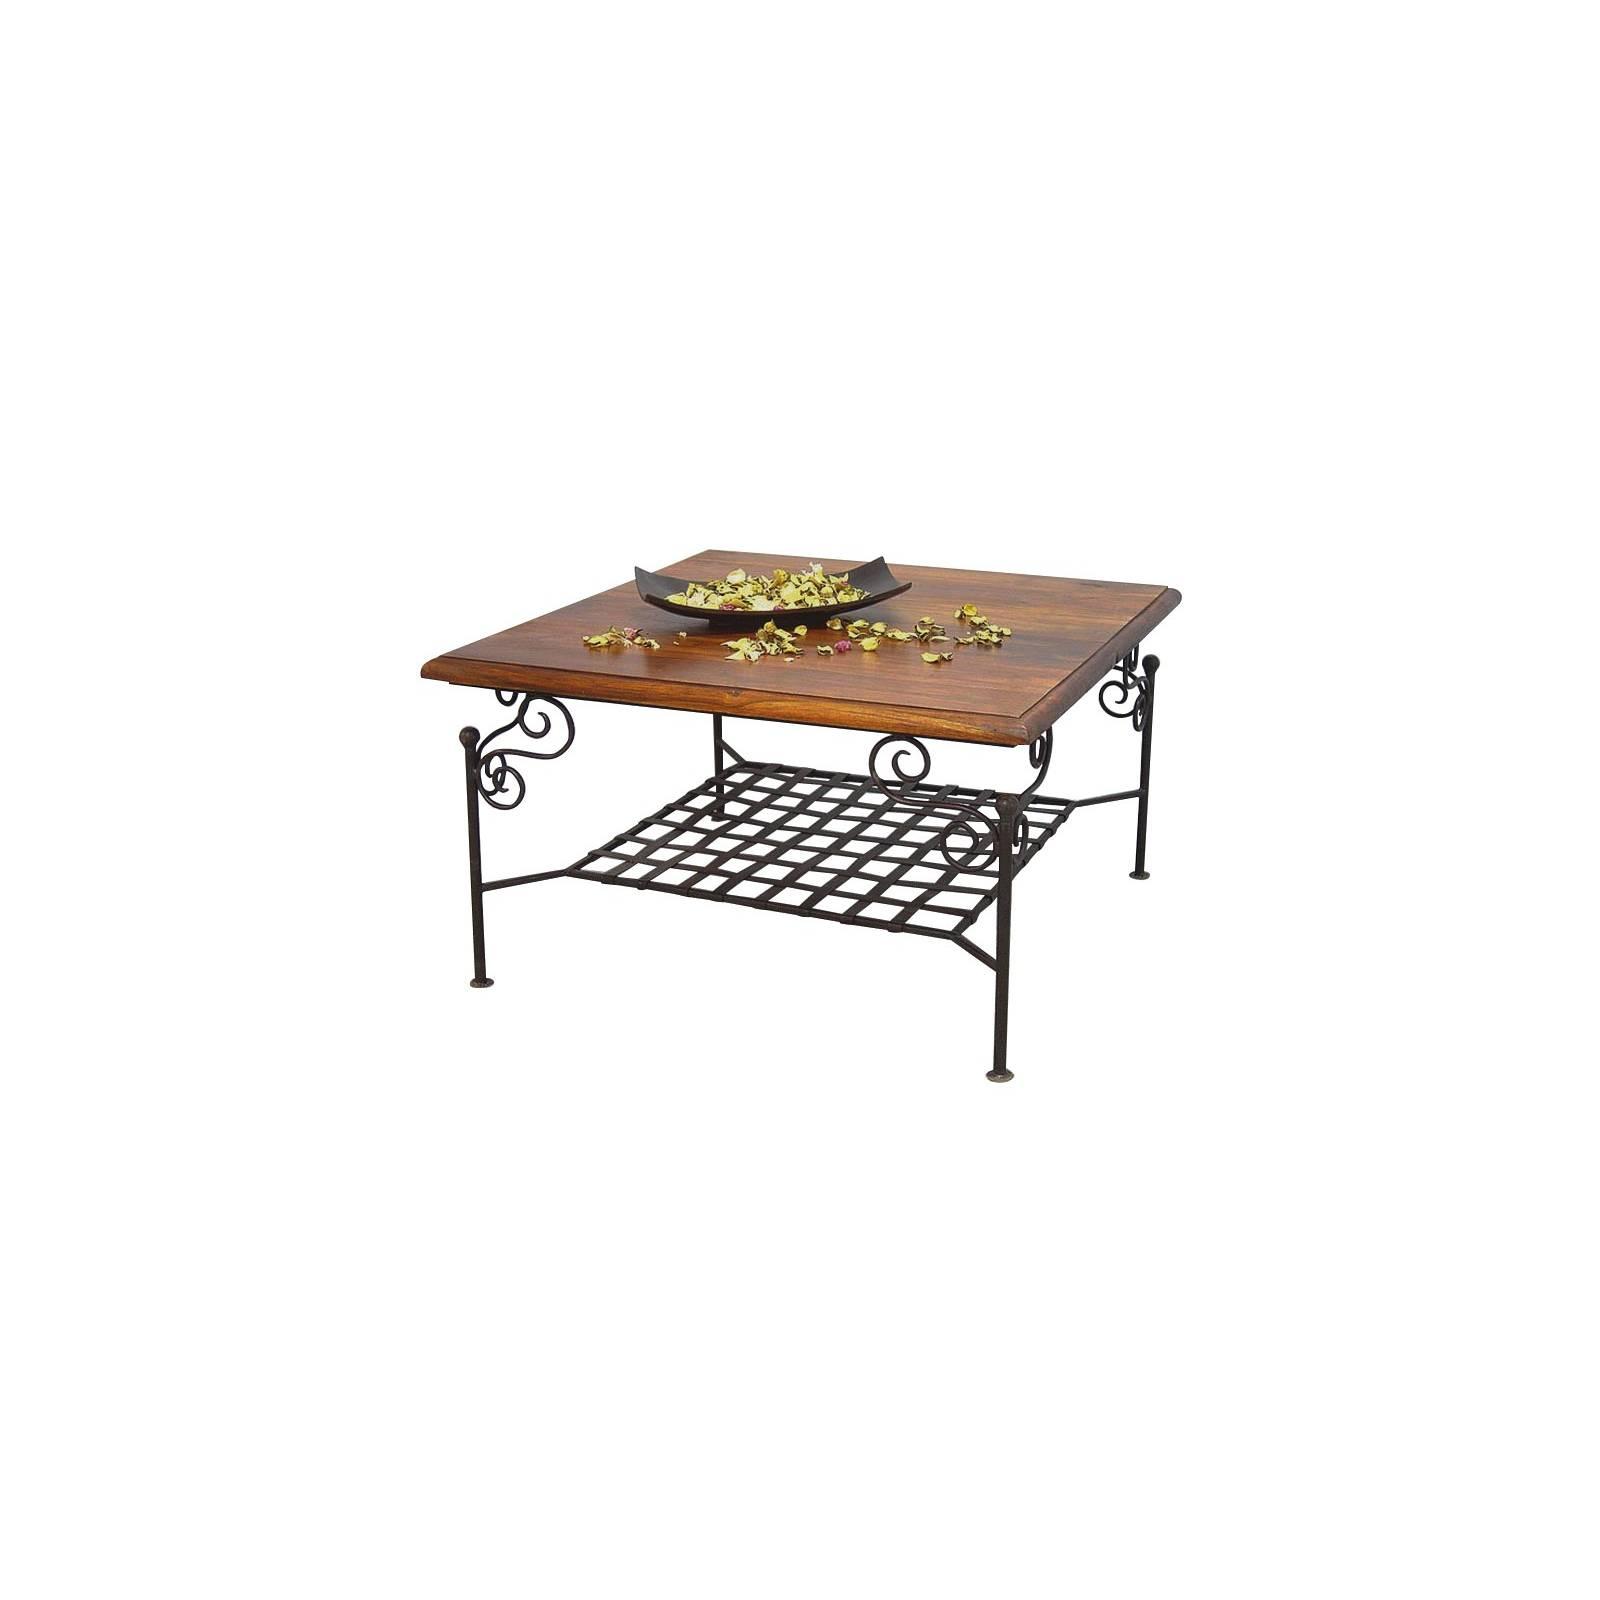 Table Basse Quadrille Fer forgé et Palissandre - meuble style romantique